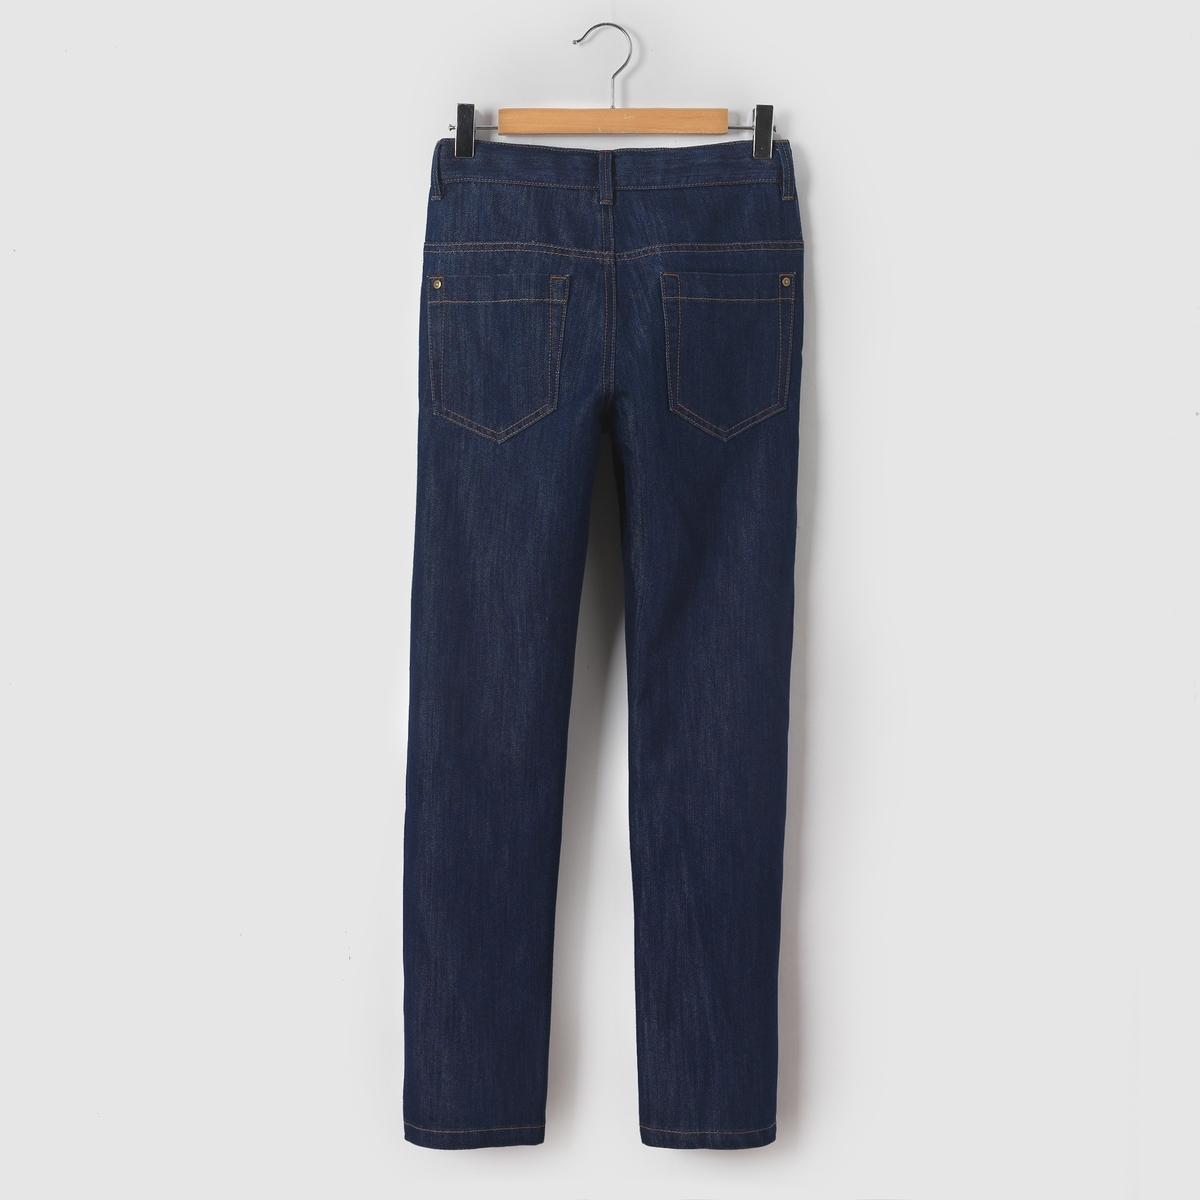 Джинсы широкие, 10-16 летШирокие джинсы с 5 карманами из денима. Пояс регулируется внутренней резинкой на пуговице. Застежка на молнию и пуговицу. Состав и описаниеМатериал       деним 58% хлопка, 42% полиэстераМарка       R essentielУходСтирать и гладить с изнаночной стороныМашинная стирка при 30 °С в умеренном режиме с вещами схожих цветовМашинная сушка в обычном режимеГладить при умеренной температуре<br><br>Цвет: синий потертый<br>Размер: 16 лет